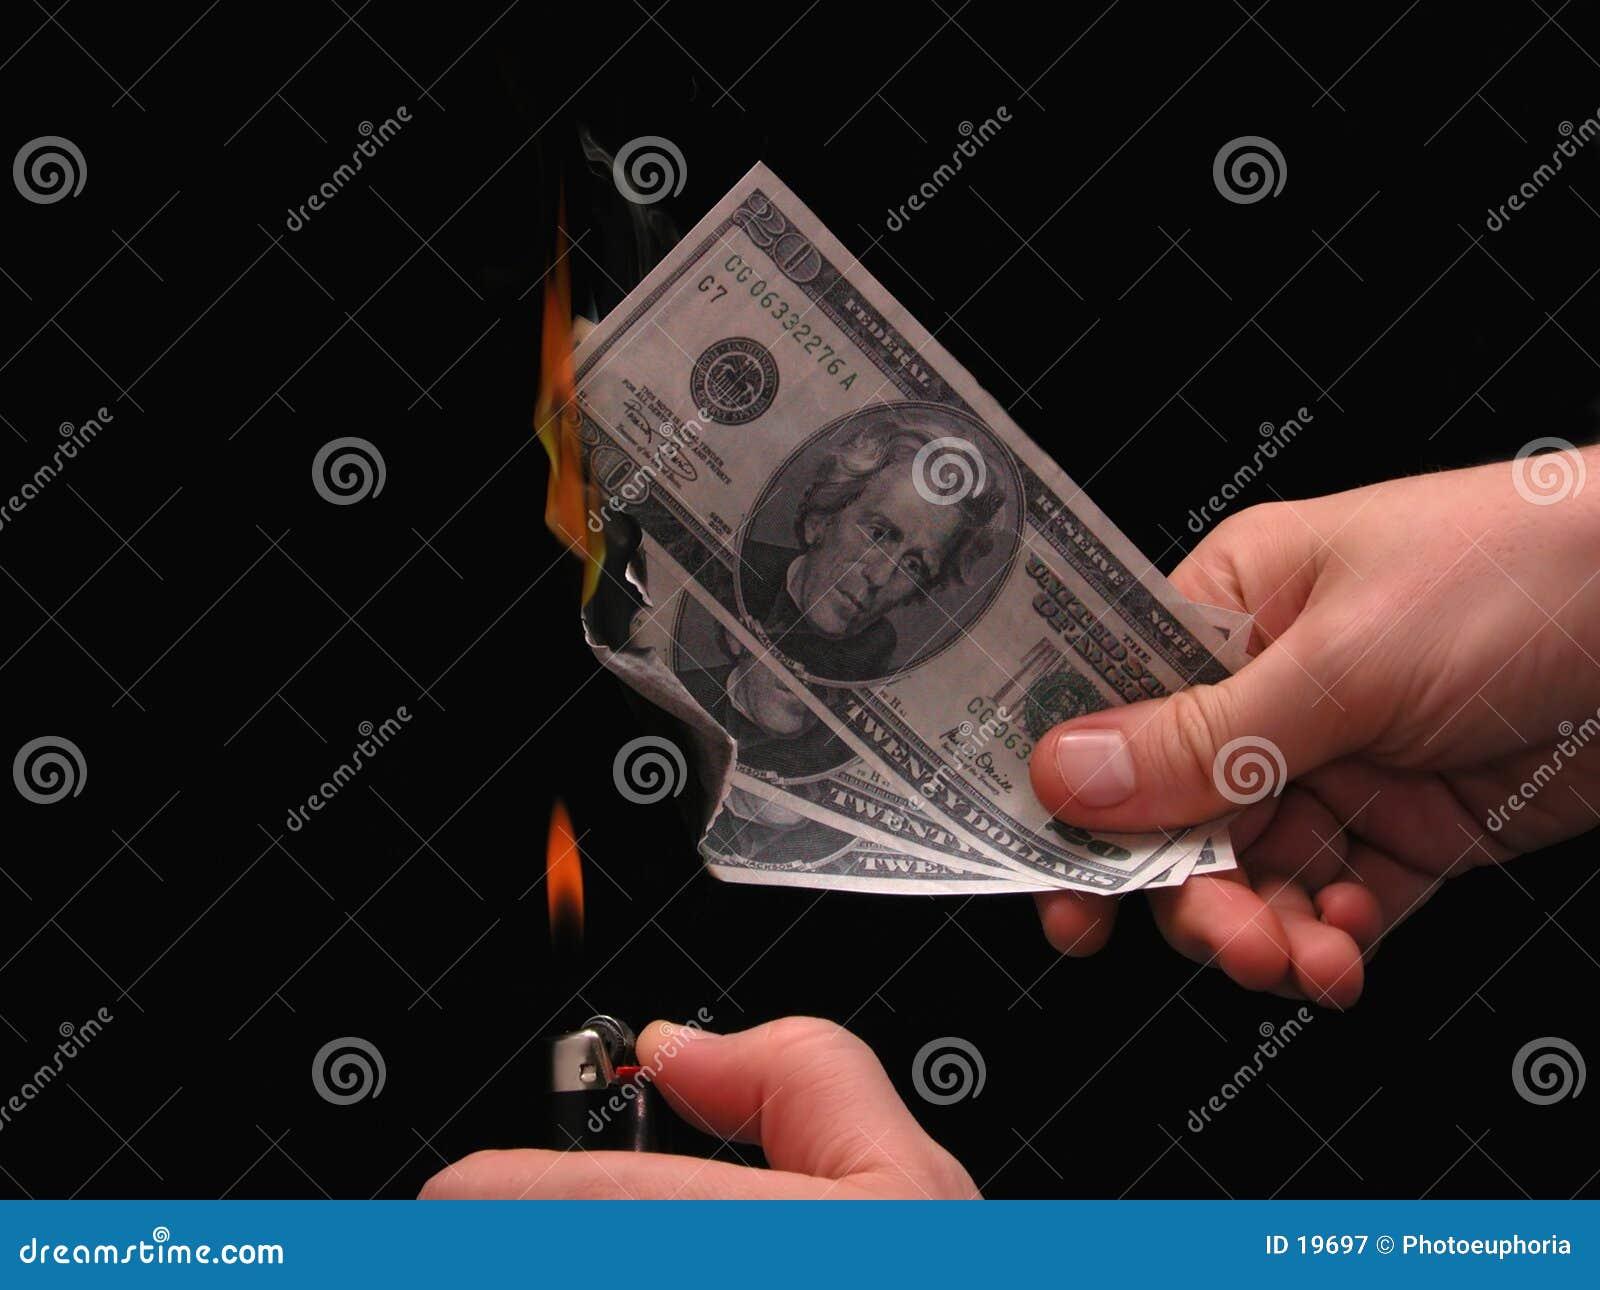 Métaphore : Argent à brûler